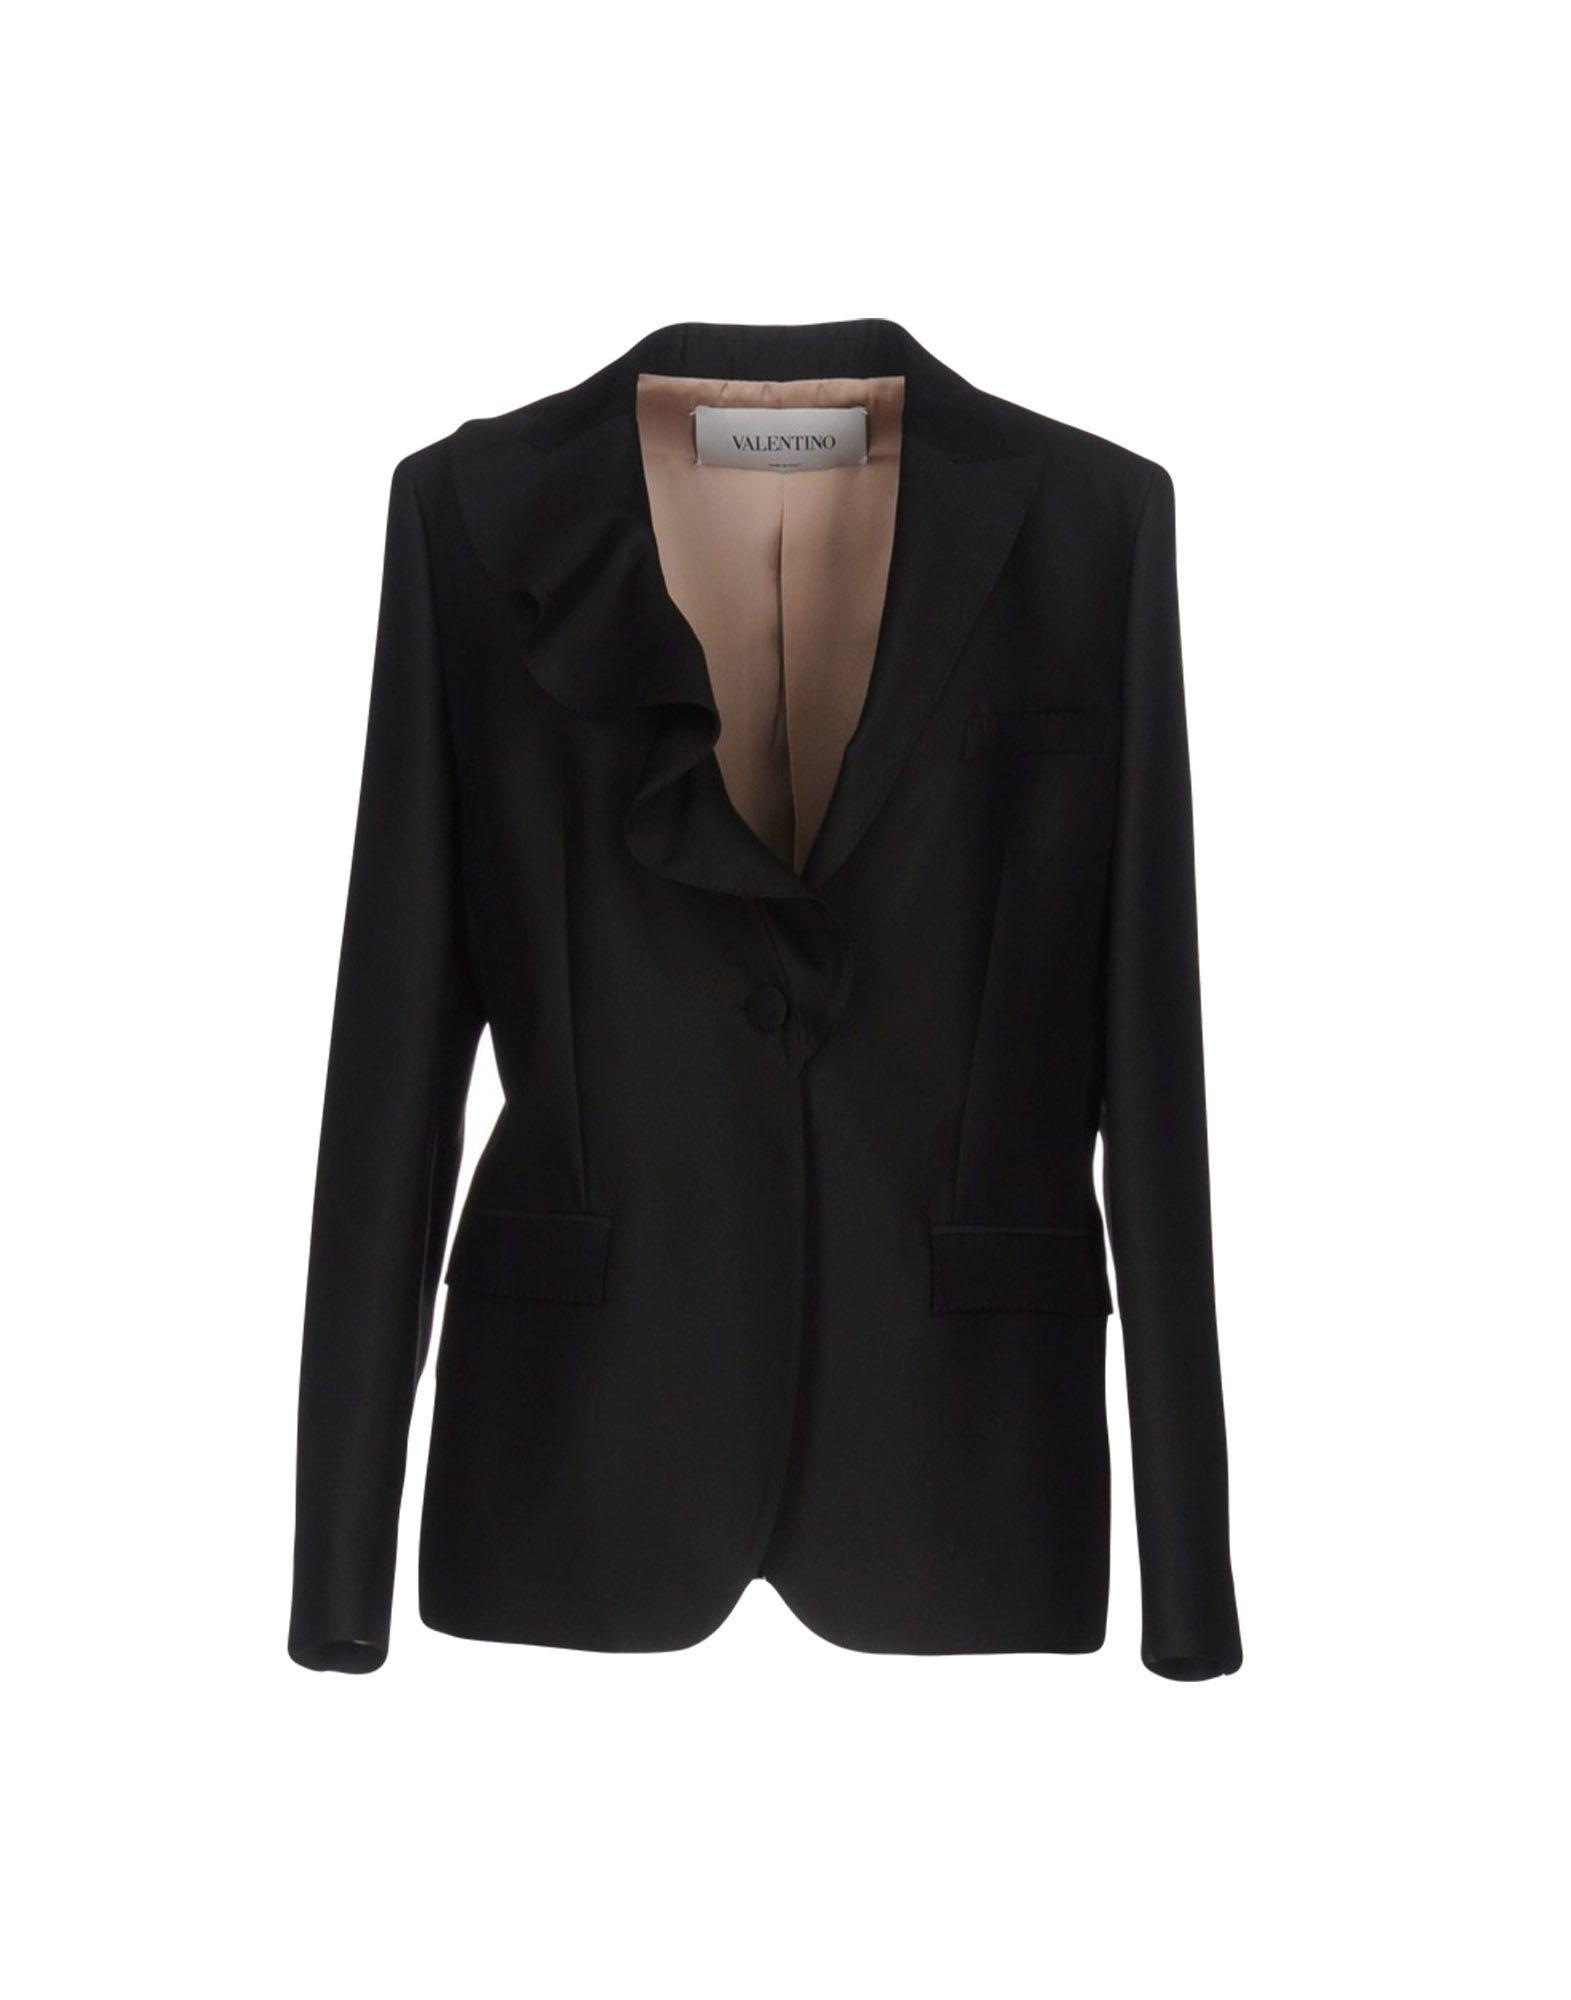 VALENTINO Damen Jackett Farbe Schwarz Größe 5 jetztbilligerkaufen